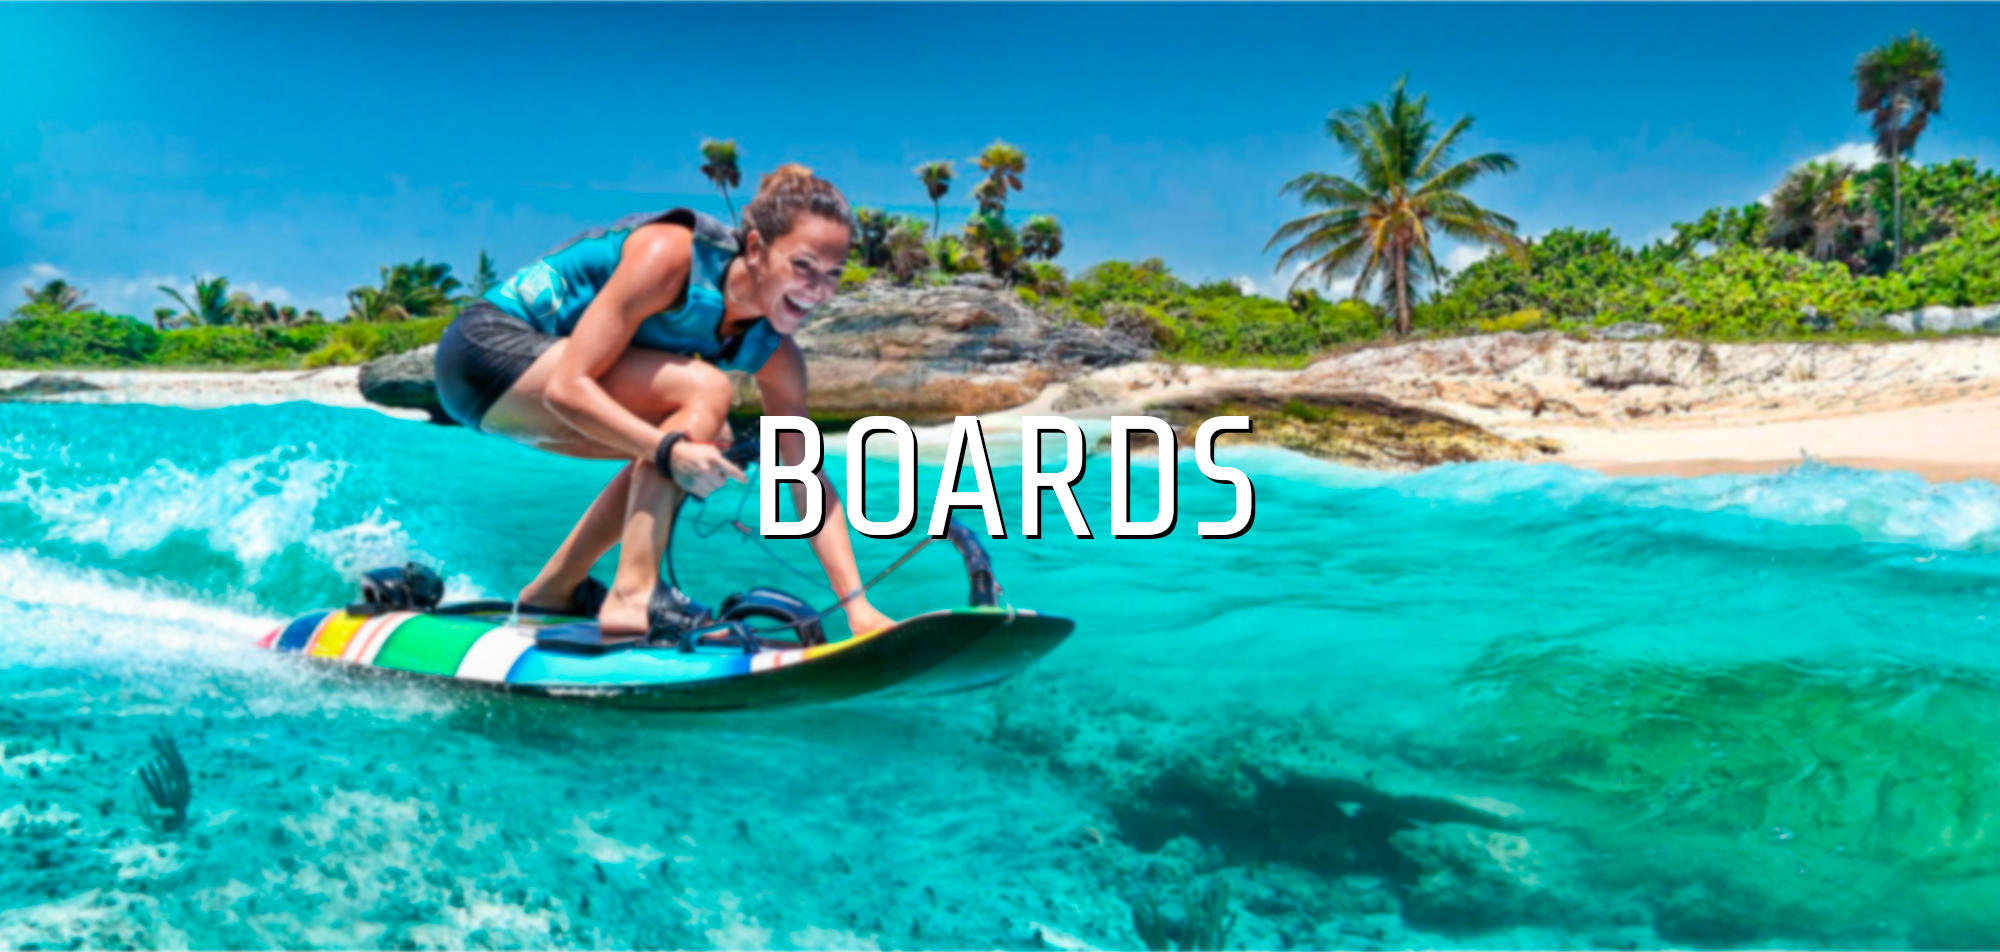 titulo boards con mejor definicion